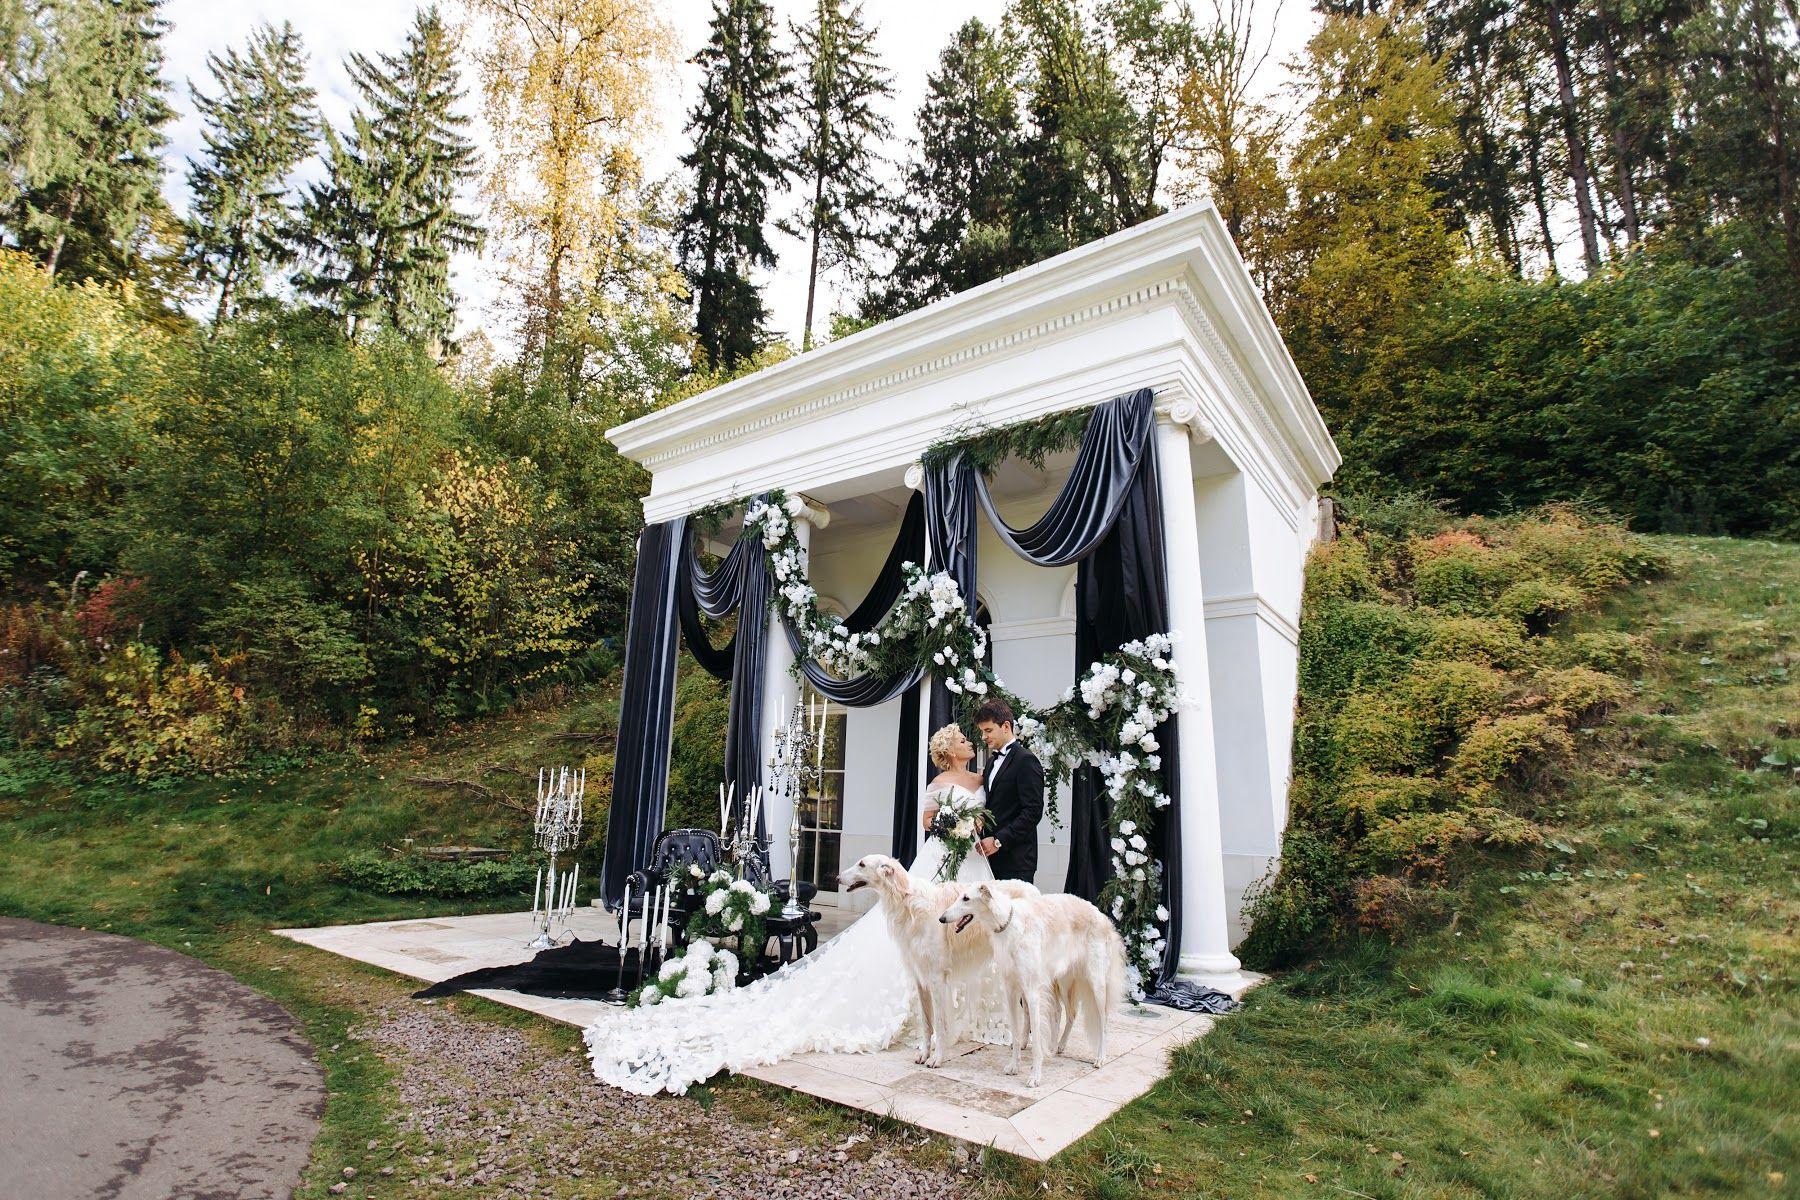 Wedding Photo Published By Andrey Nesterov On 17 January 2016 On Mywed 5272052 Wedding Ceremony Decorations Wedding Story Wedding Photographers